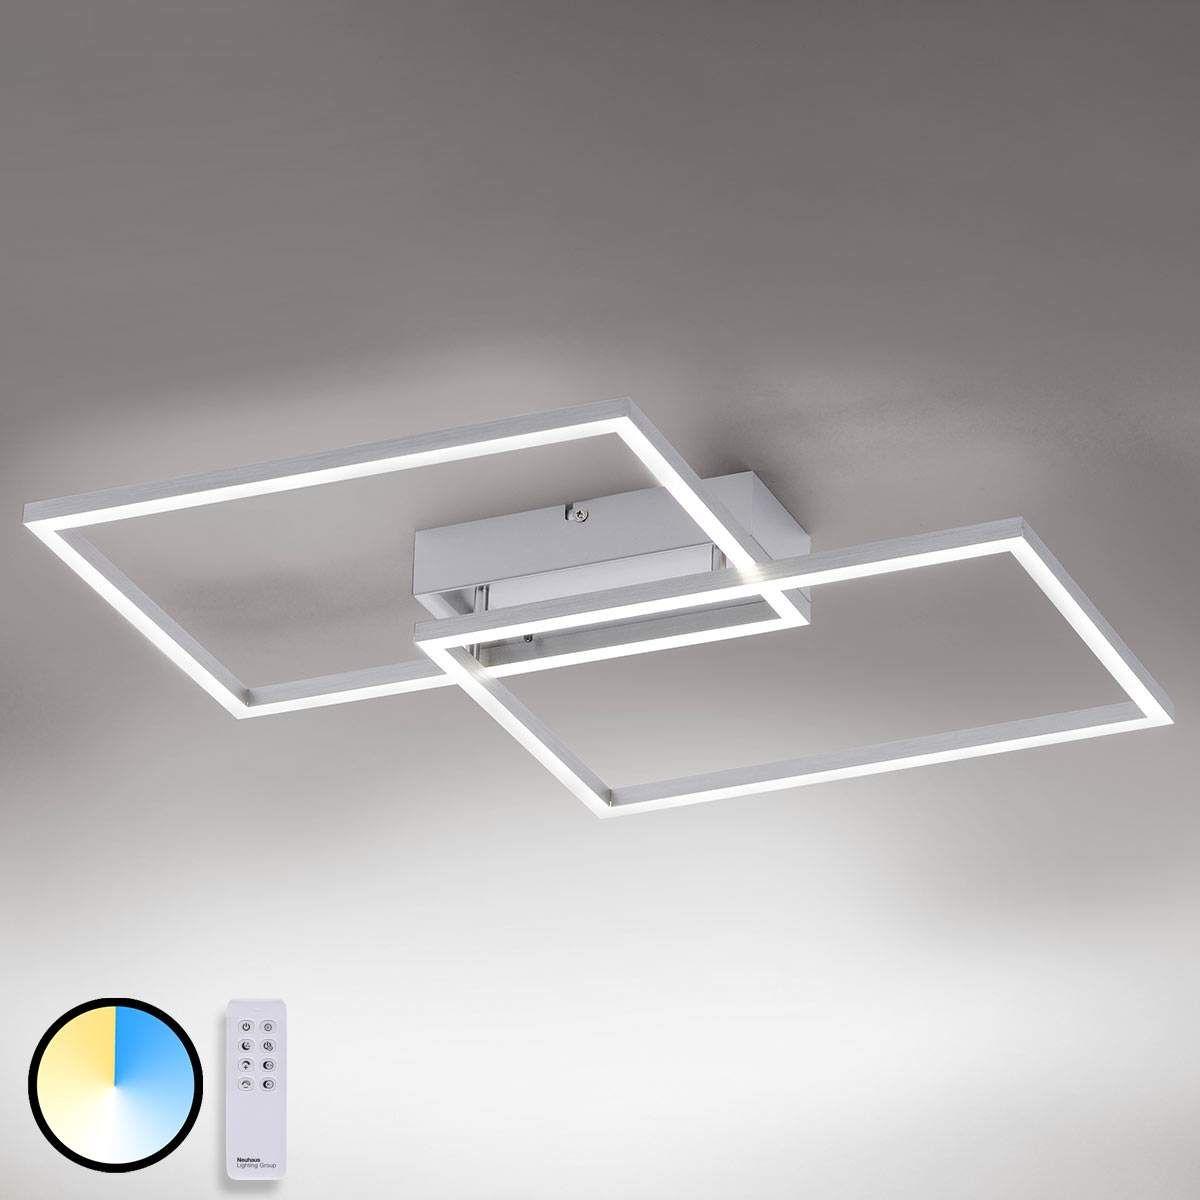 led deckenbeleuchtung wohnzimmer  kchen deckenlampe